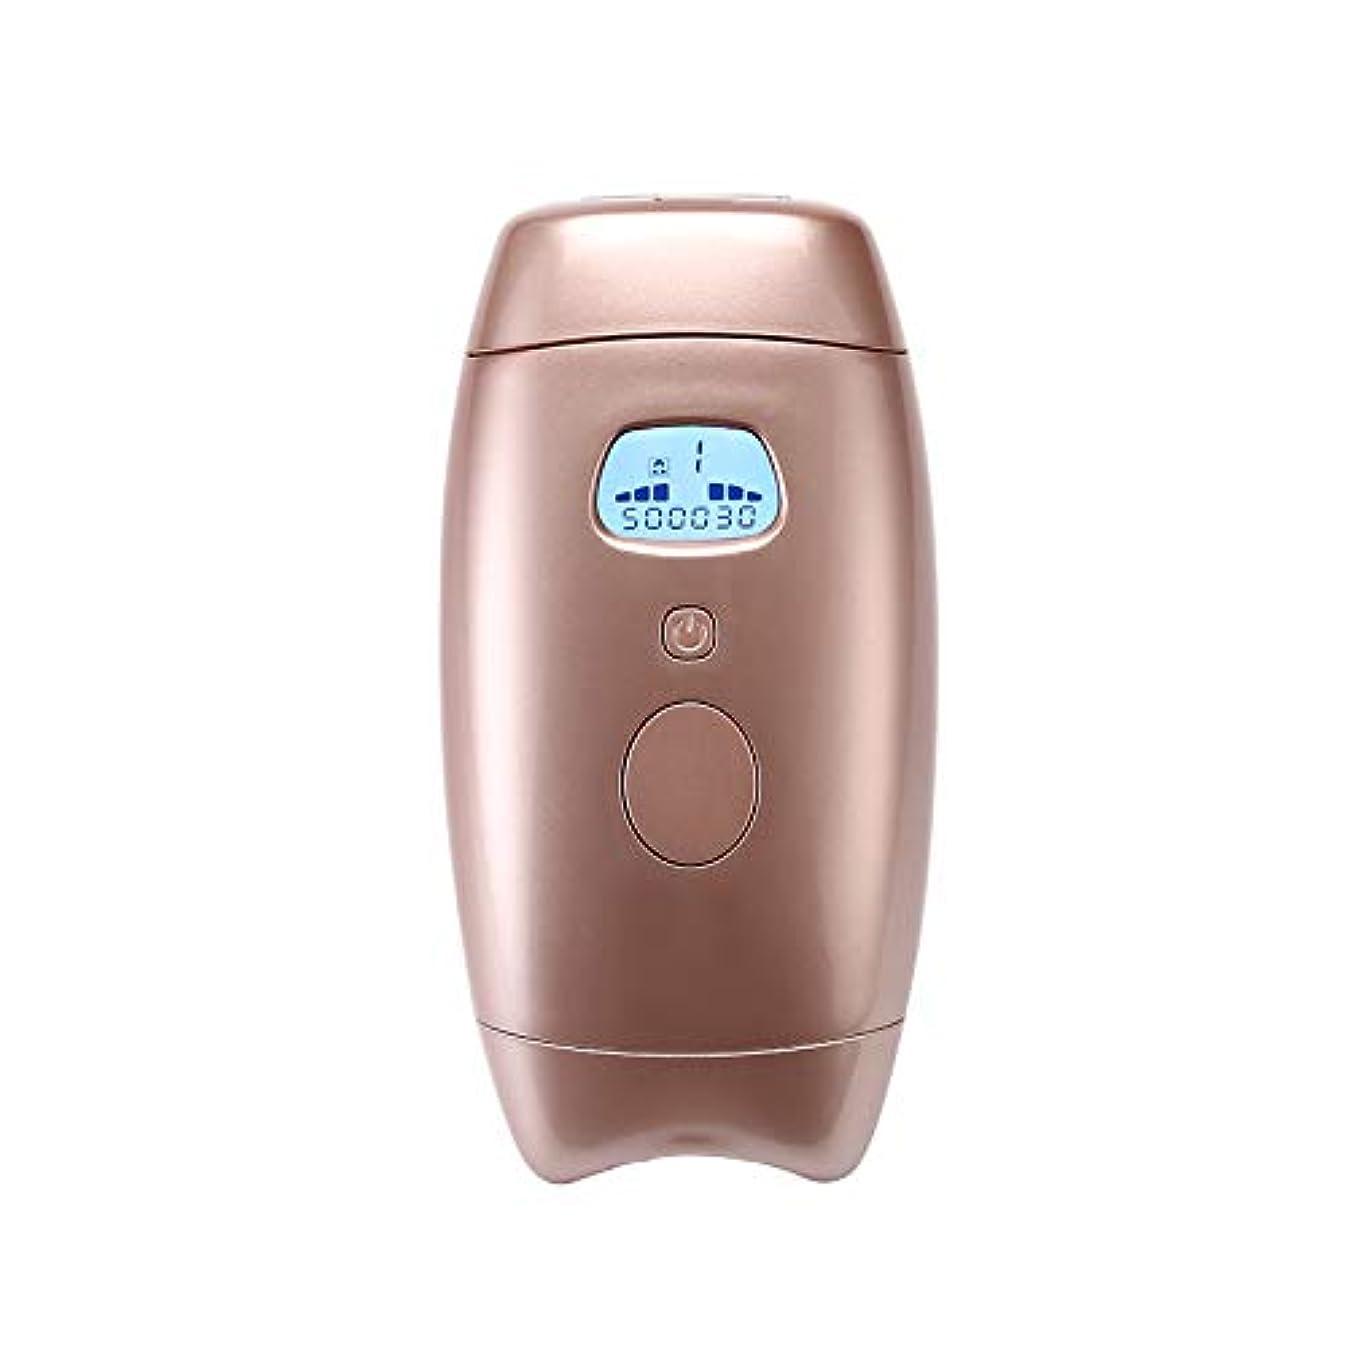 解釈レーザジムIPL光脱毛器 脱毛機 50万発 7段階,家庭用 レーザー 永久脱毛,液晶LCDスクリーン搭載,美肌機能搭載,日本語説明書,男女兼用,1年保証期間-ピンク